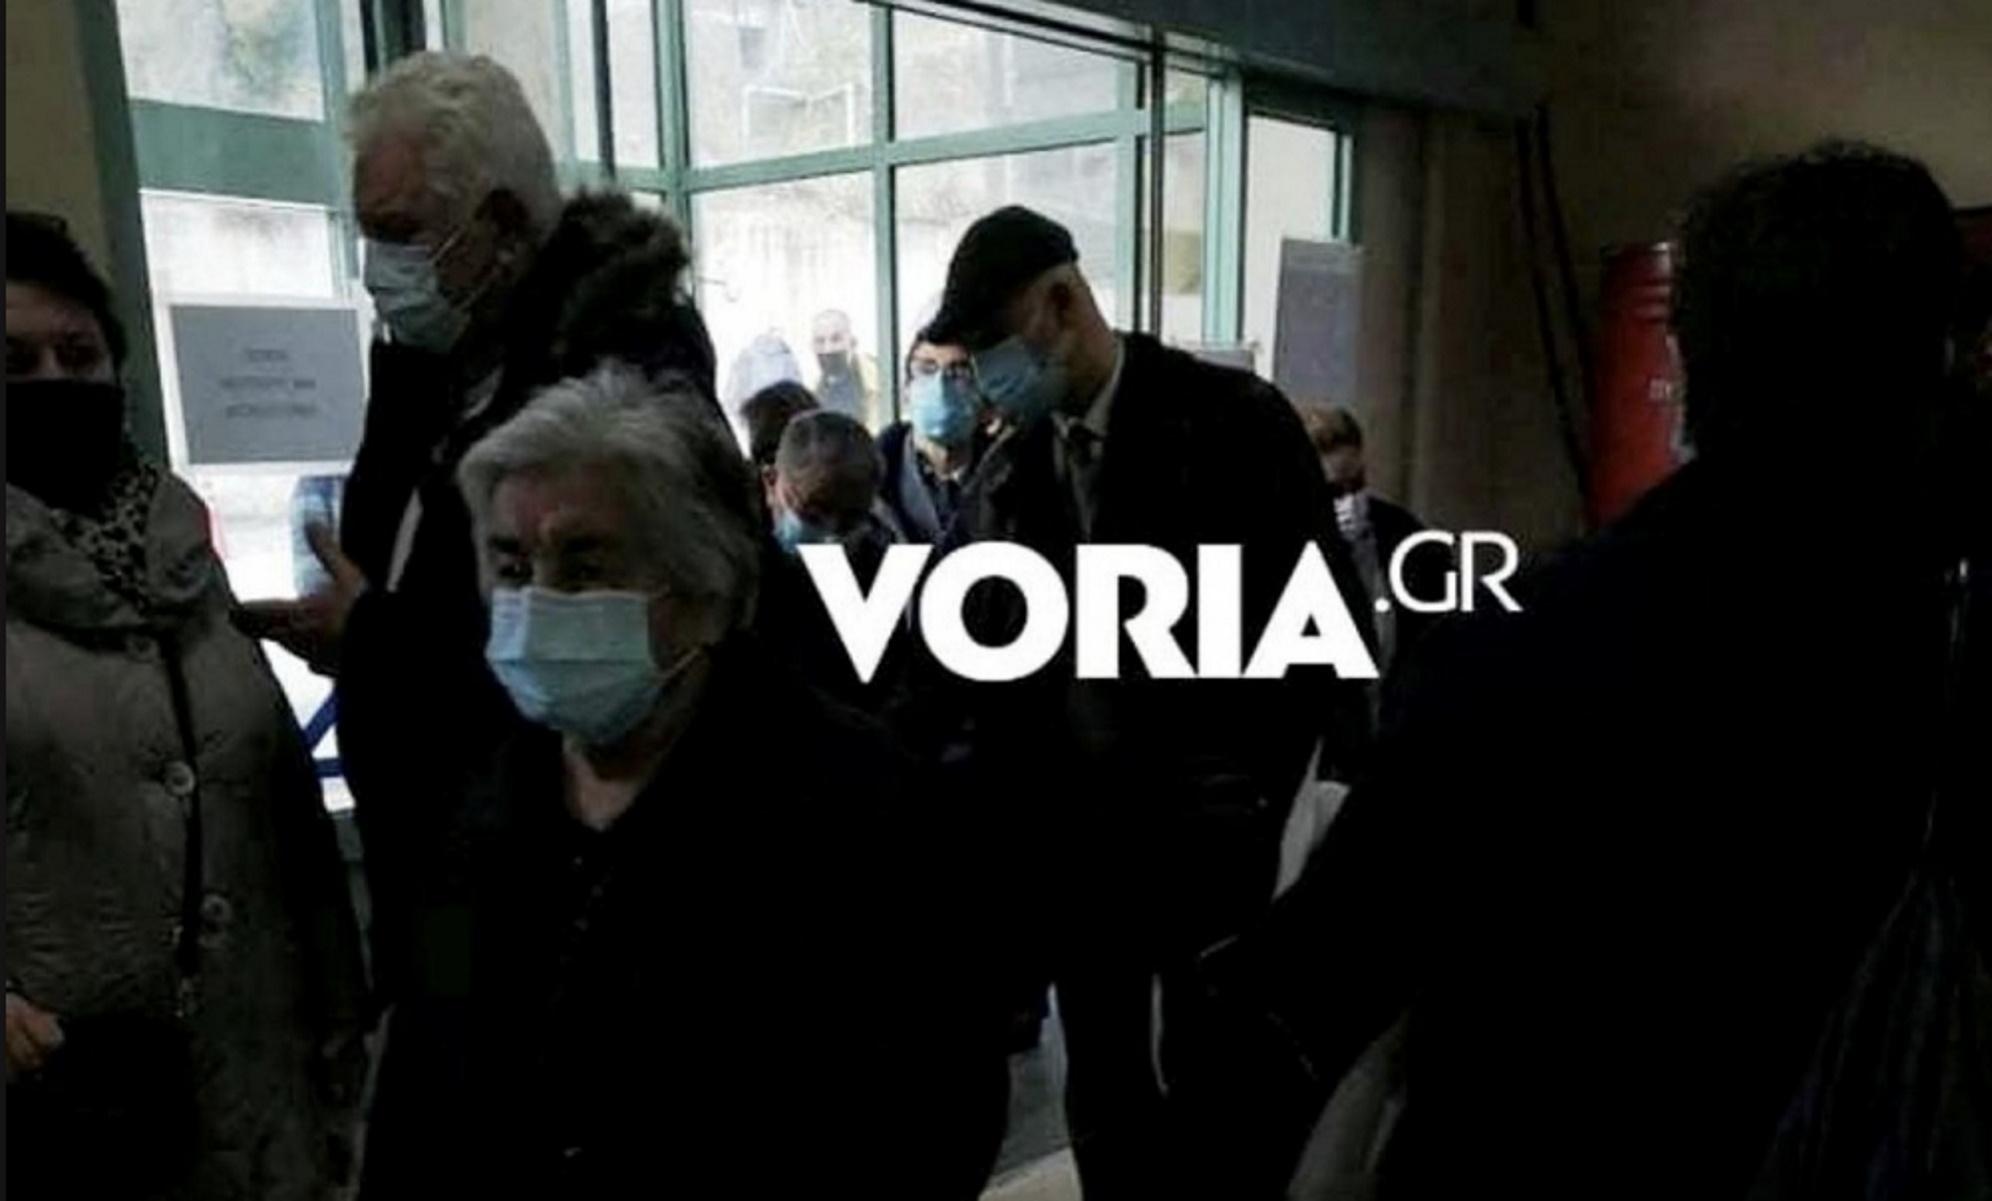 Εμβολιασμός – κορονοϊός: Εικόνες ντροπής με ηλικιωμένους να ξεροσταλιάζουν όρθιοι για ώρες (pics)